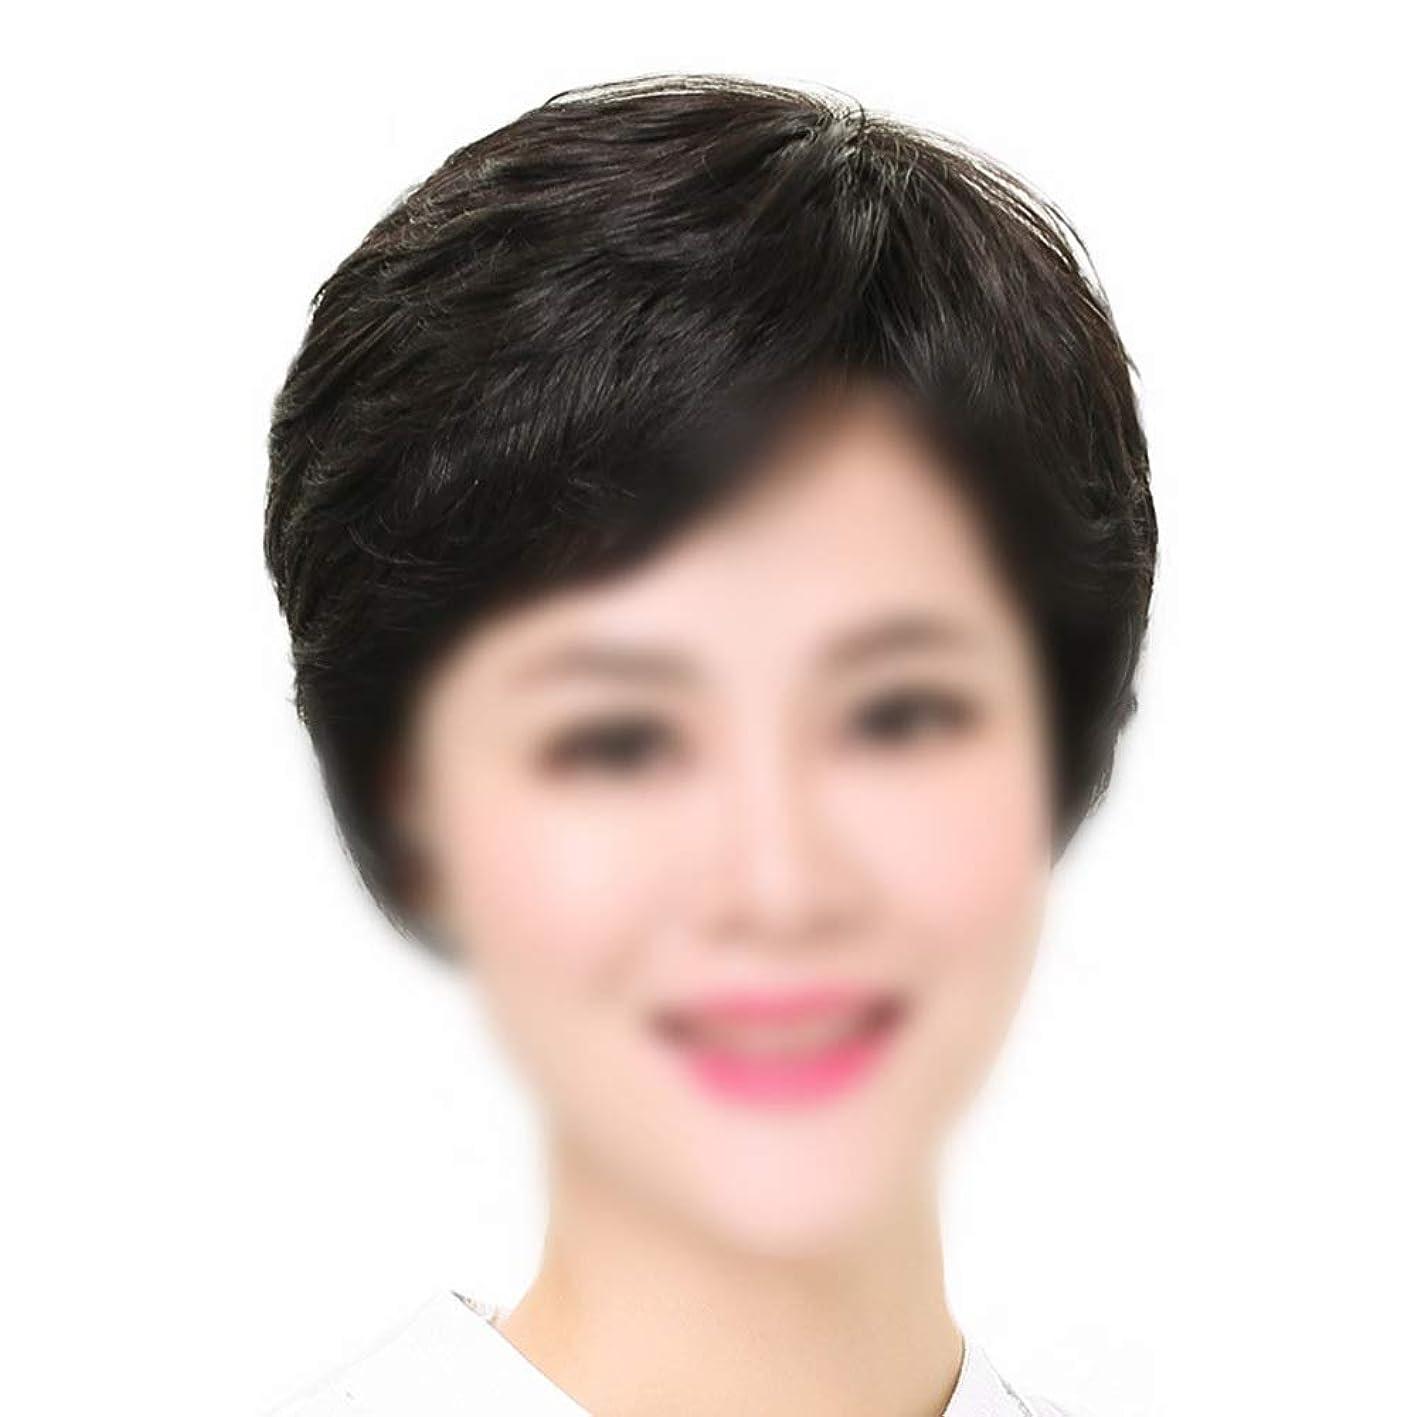 静かに高度ミスYrattary フル織りの女性の自然な人間の髪の毛のマイクロ波短髪中年のかつらパーティーのかつら (Color : Natural black, サイズ : Mechanism)